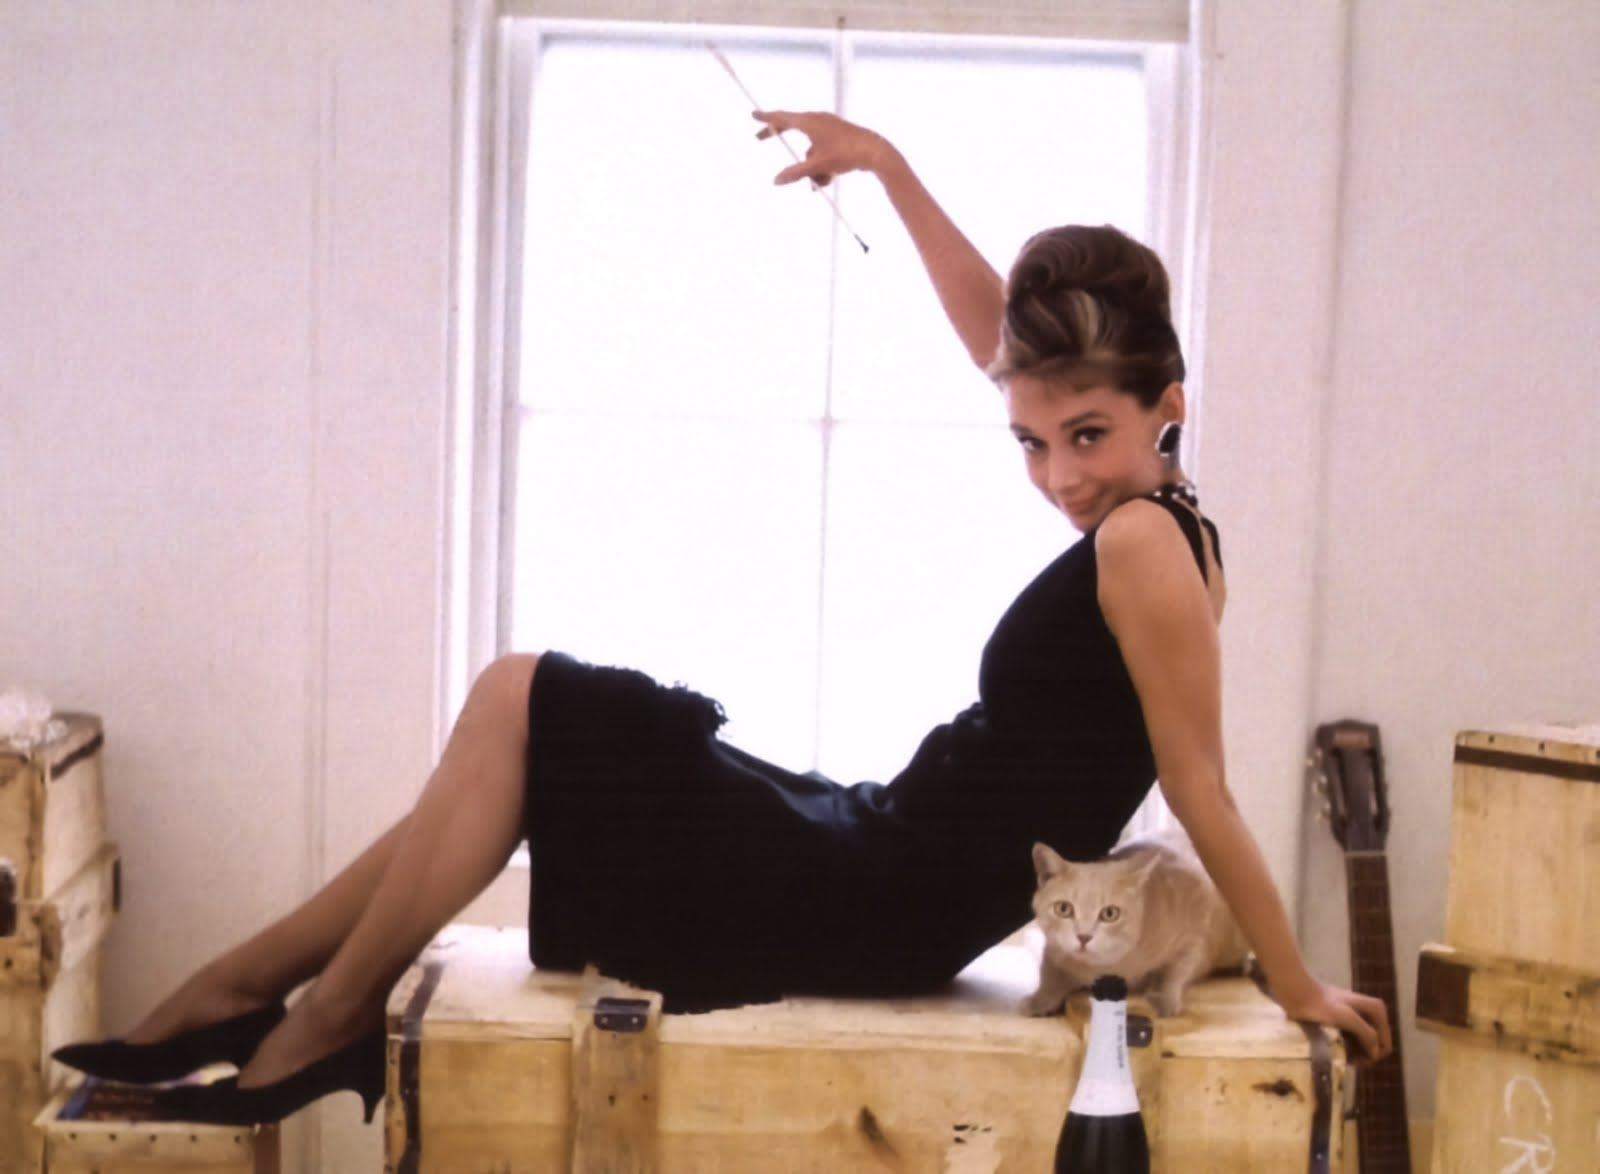 http://1.bp.blogspot.com/-zvuyj6FLK00/TcIUCIWQ7jI/AAAAAAAAASI/UcjnvMa1-NU/s1600/Annex+-+Hepburn%252C+Audrey+%2528Breakfast+at+Tiffany%2527s%2529_02.jpeg